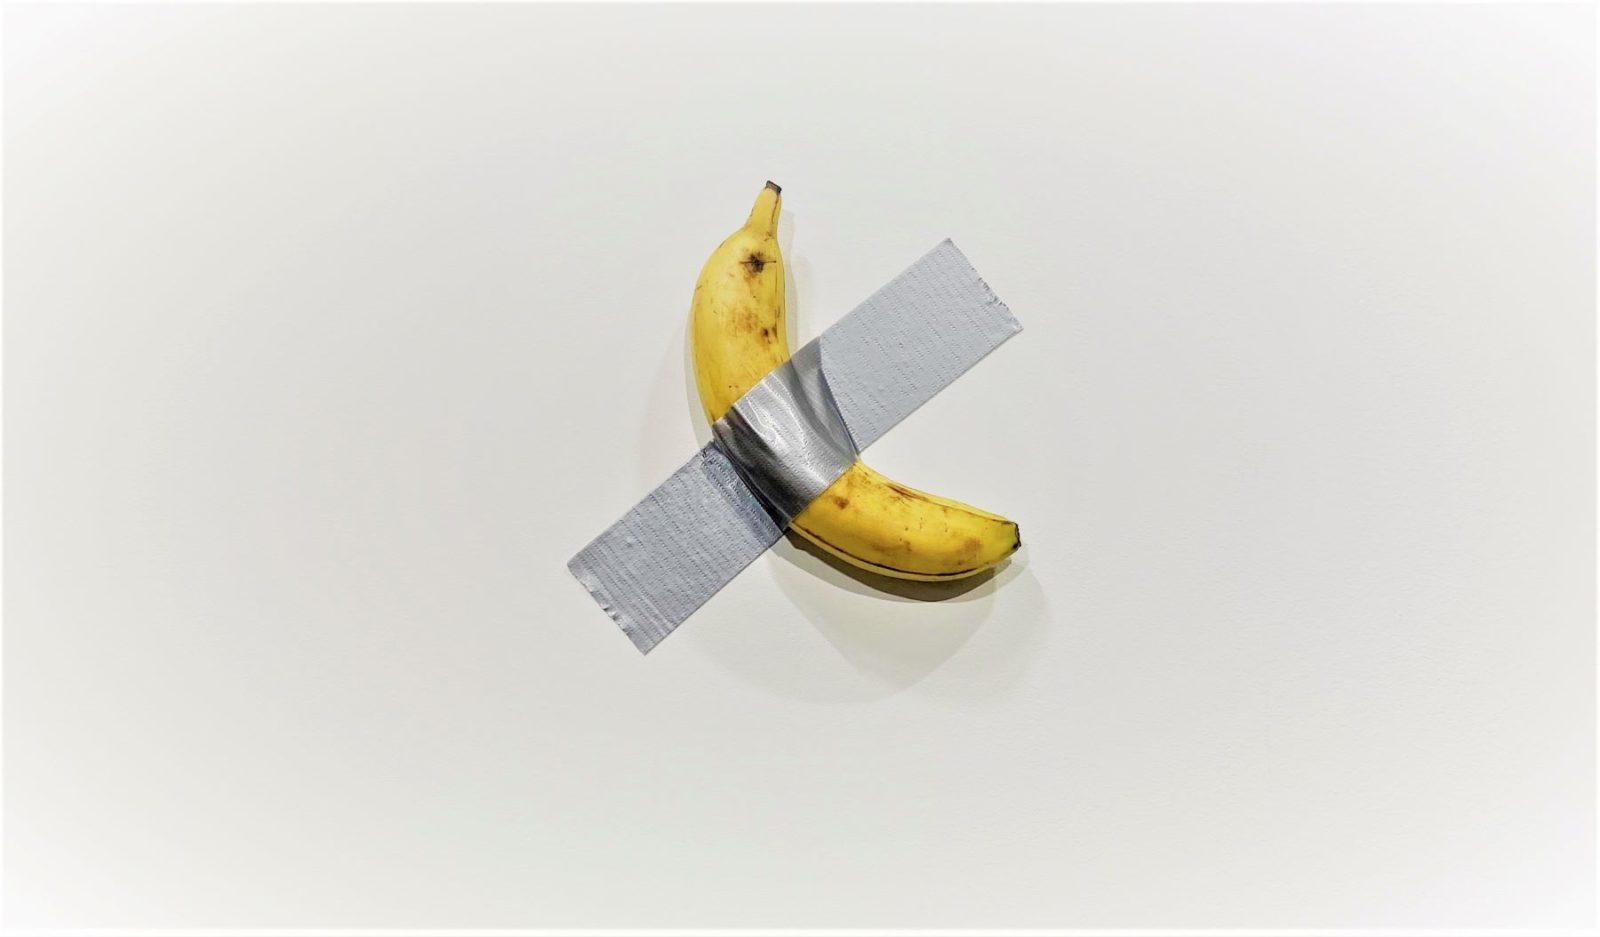 Erről a banánról beszélt a múlt héten az egész kortárs műtárgypiac